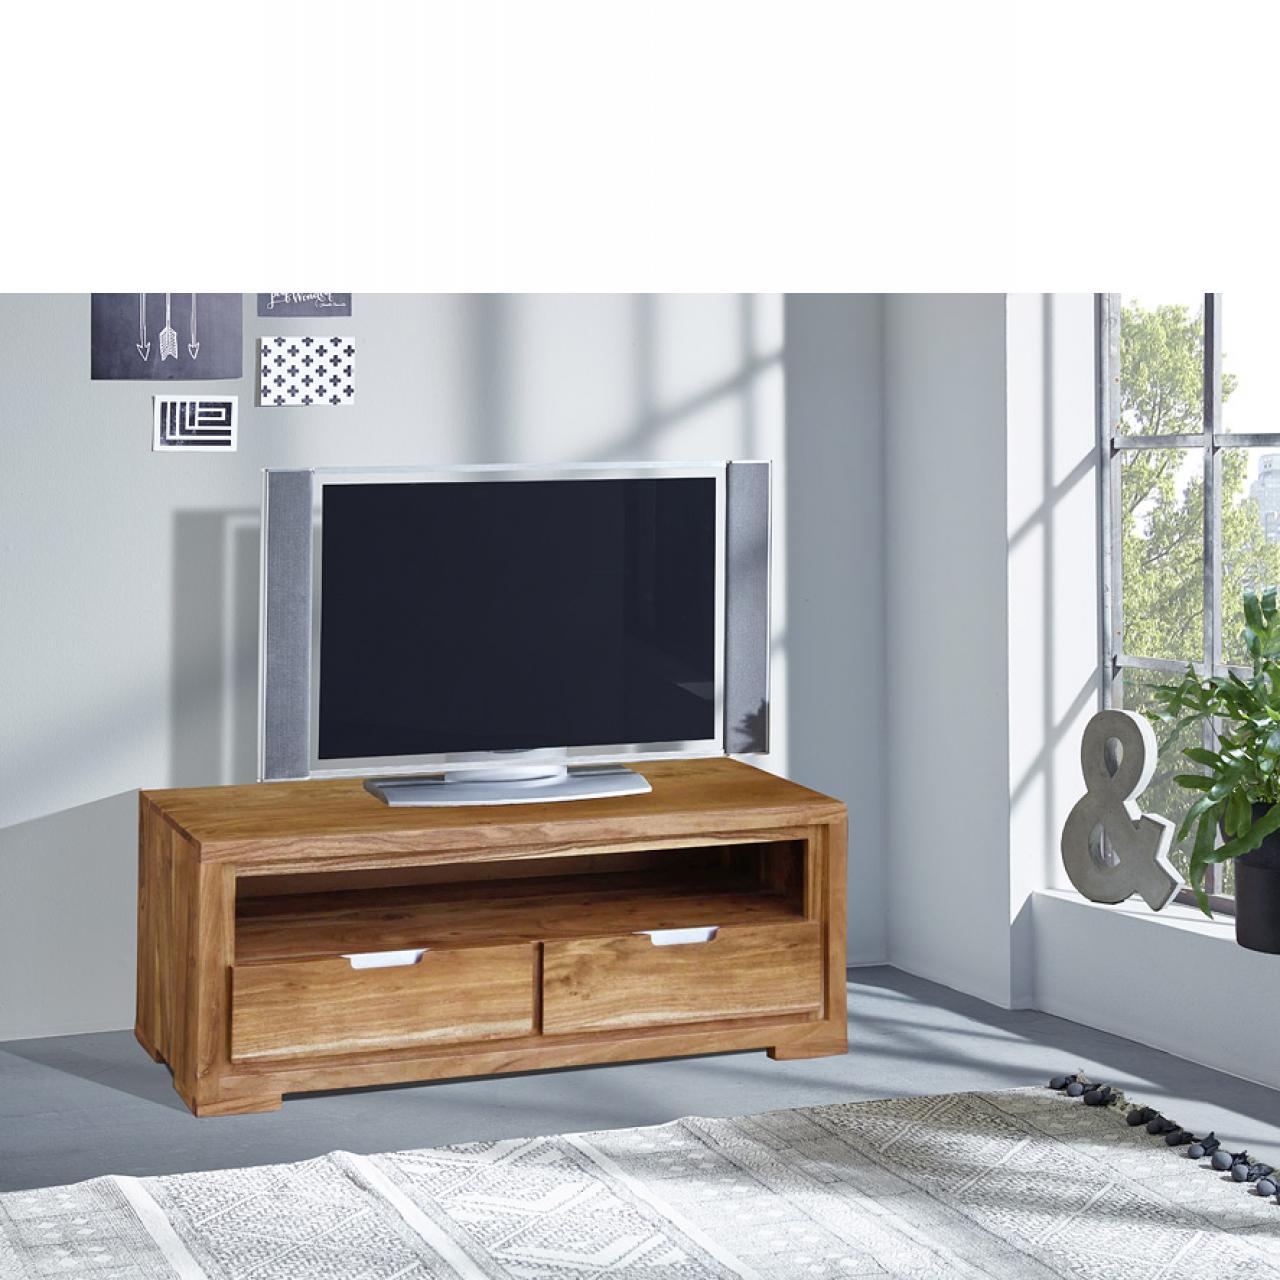 TV Lowboard Vision 2836 - acana